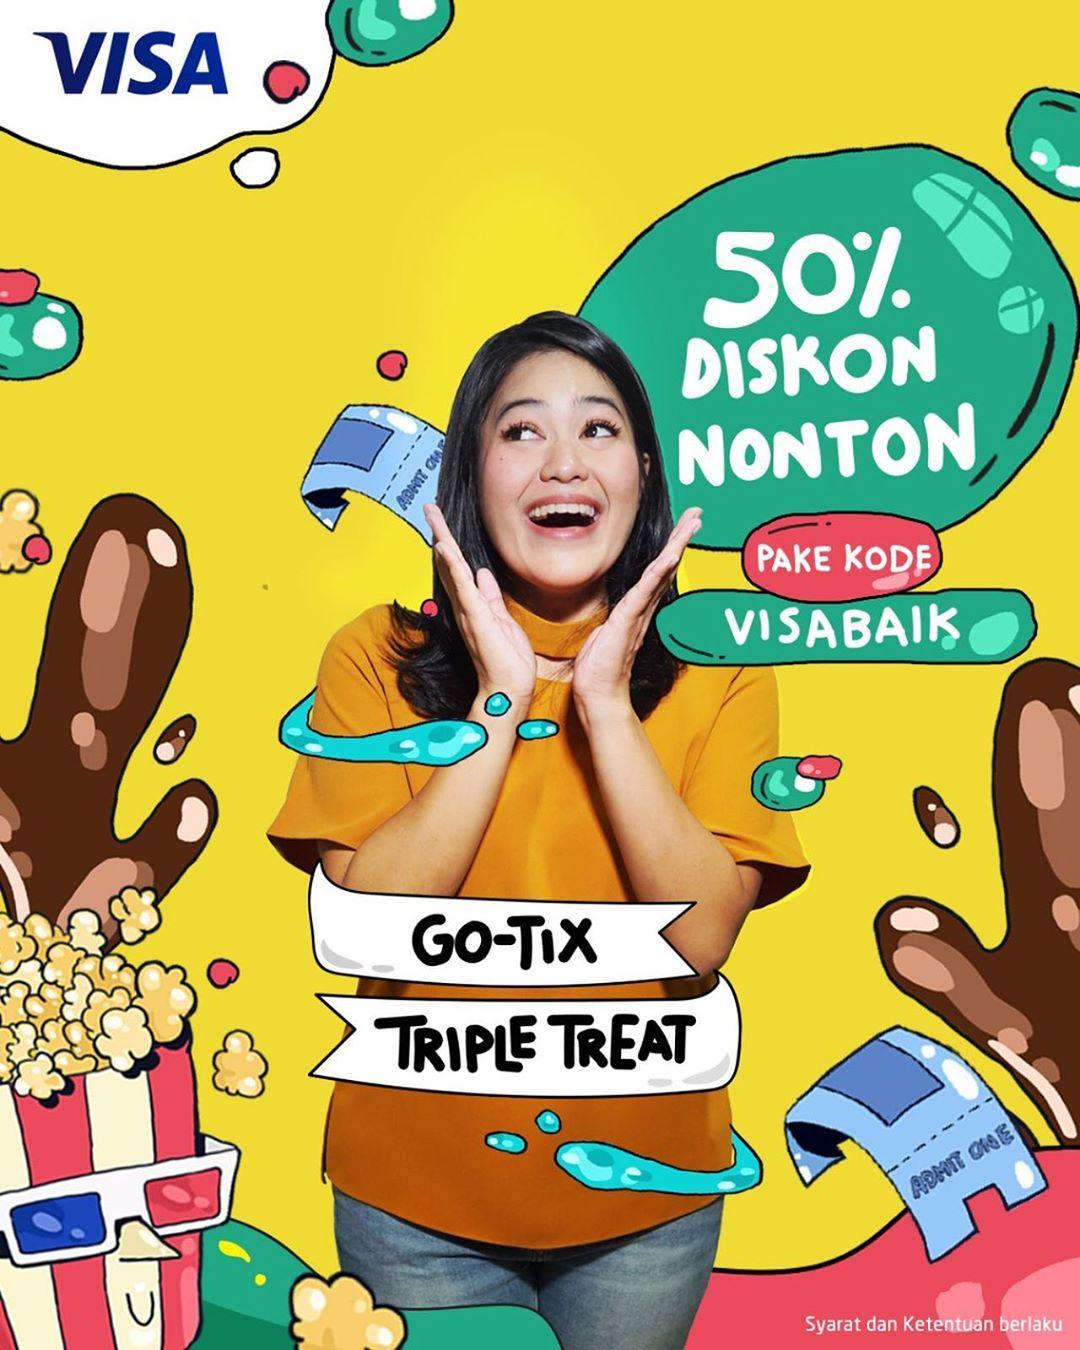 GOTIX Promo DISKON 50% buat beli tiket nonton film dengan kartu kredit atau debit berlogo VISA